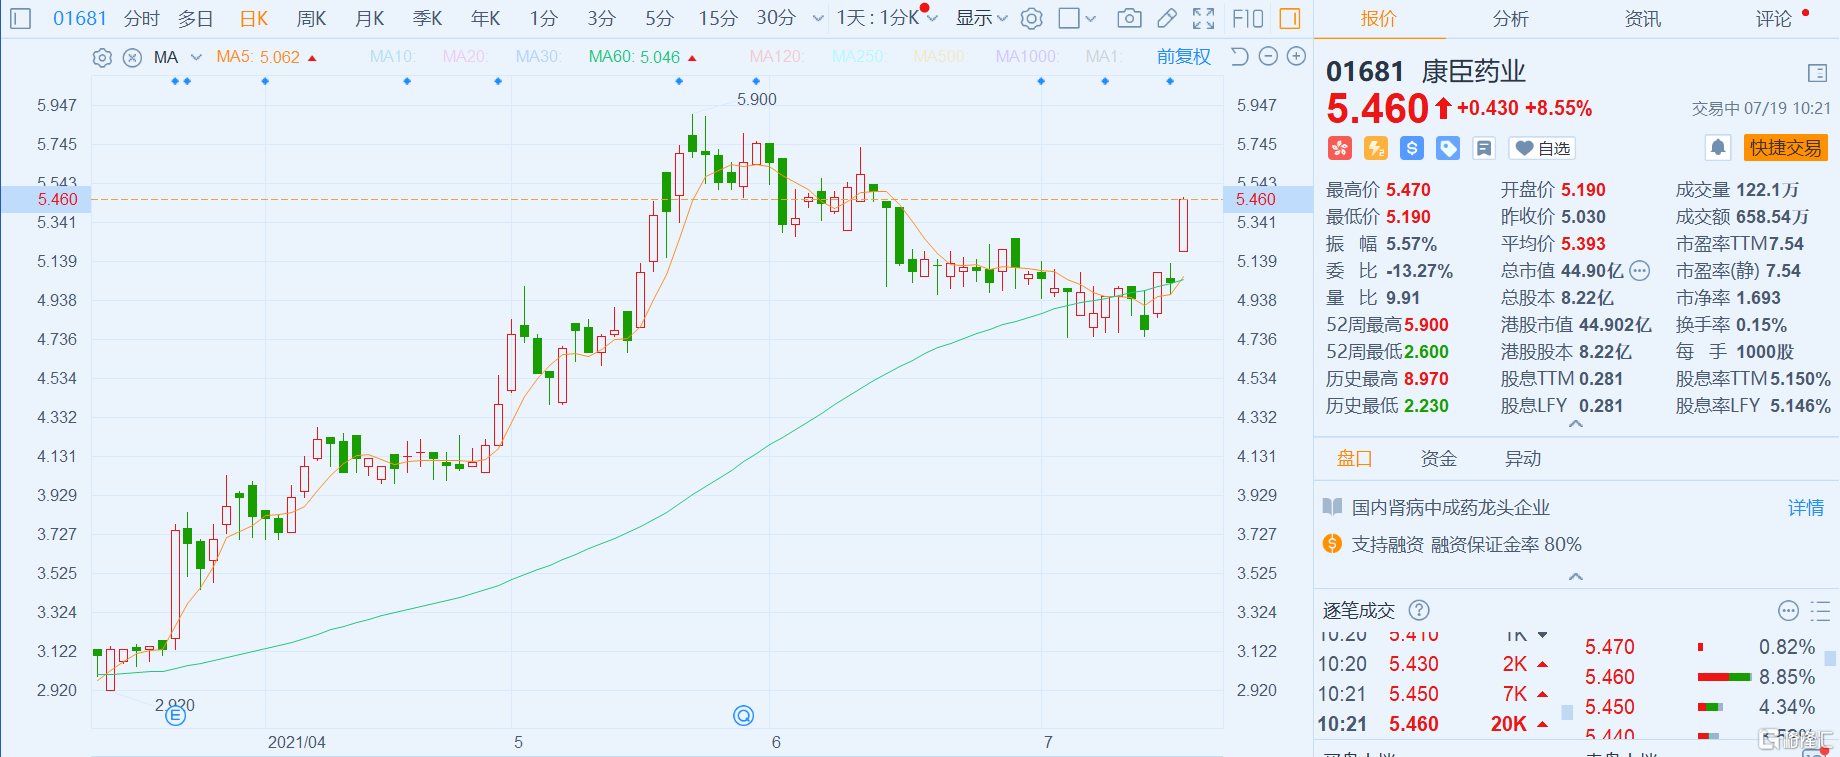 康臣药业(1681.HK)大涨8.55% 总市值45亿港元